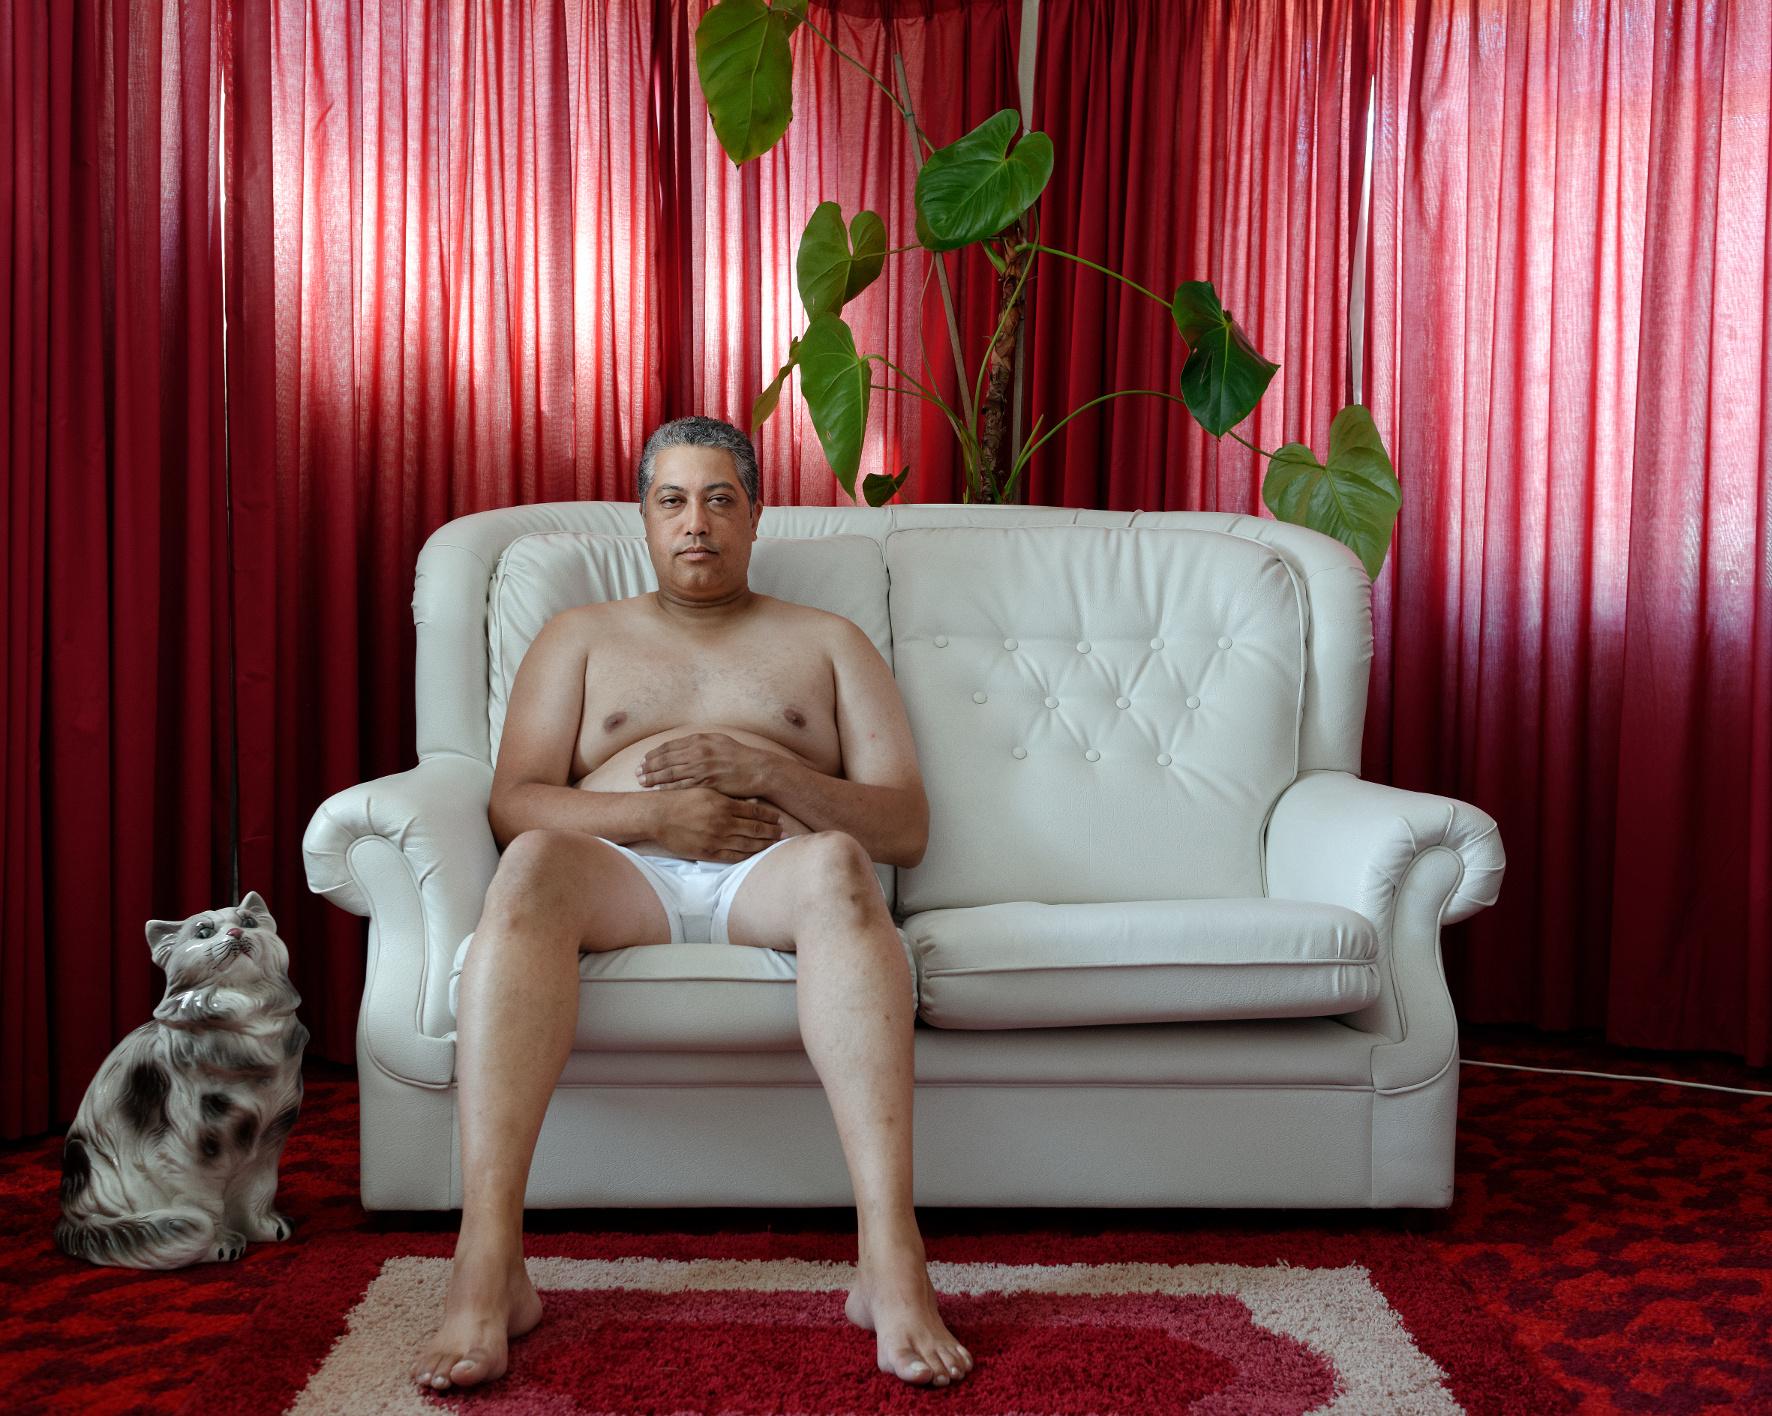 Mann sitzt in Unterhose aus hellem Sofa und hält sich die Hände vor den Bauch